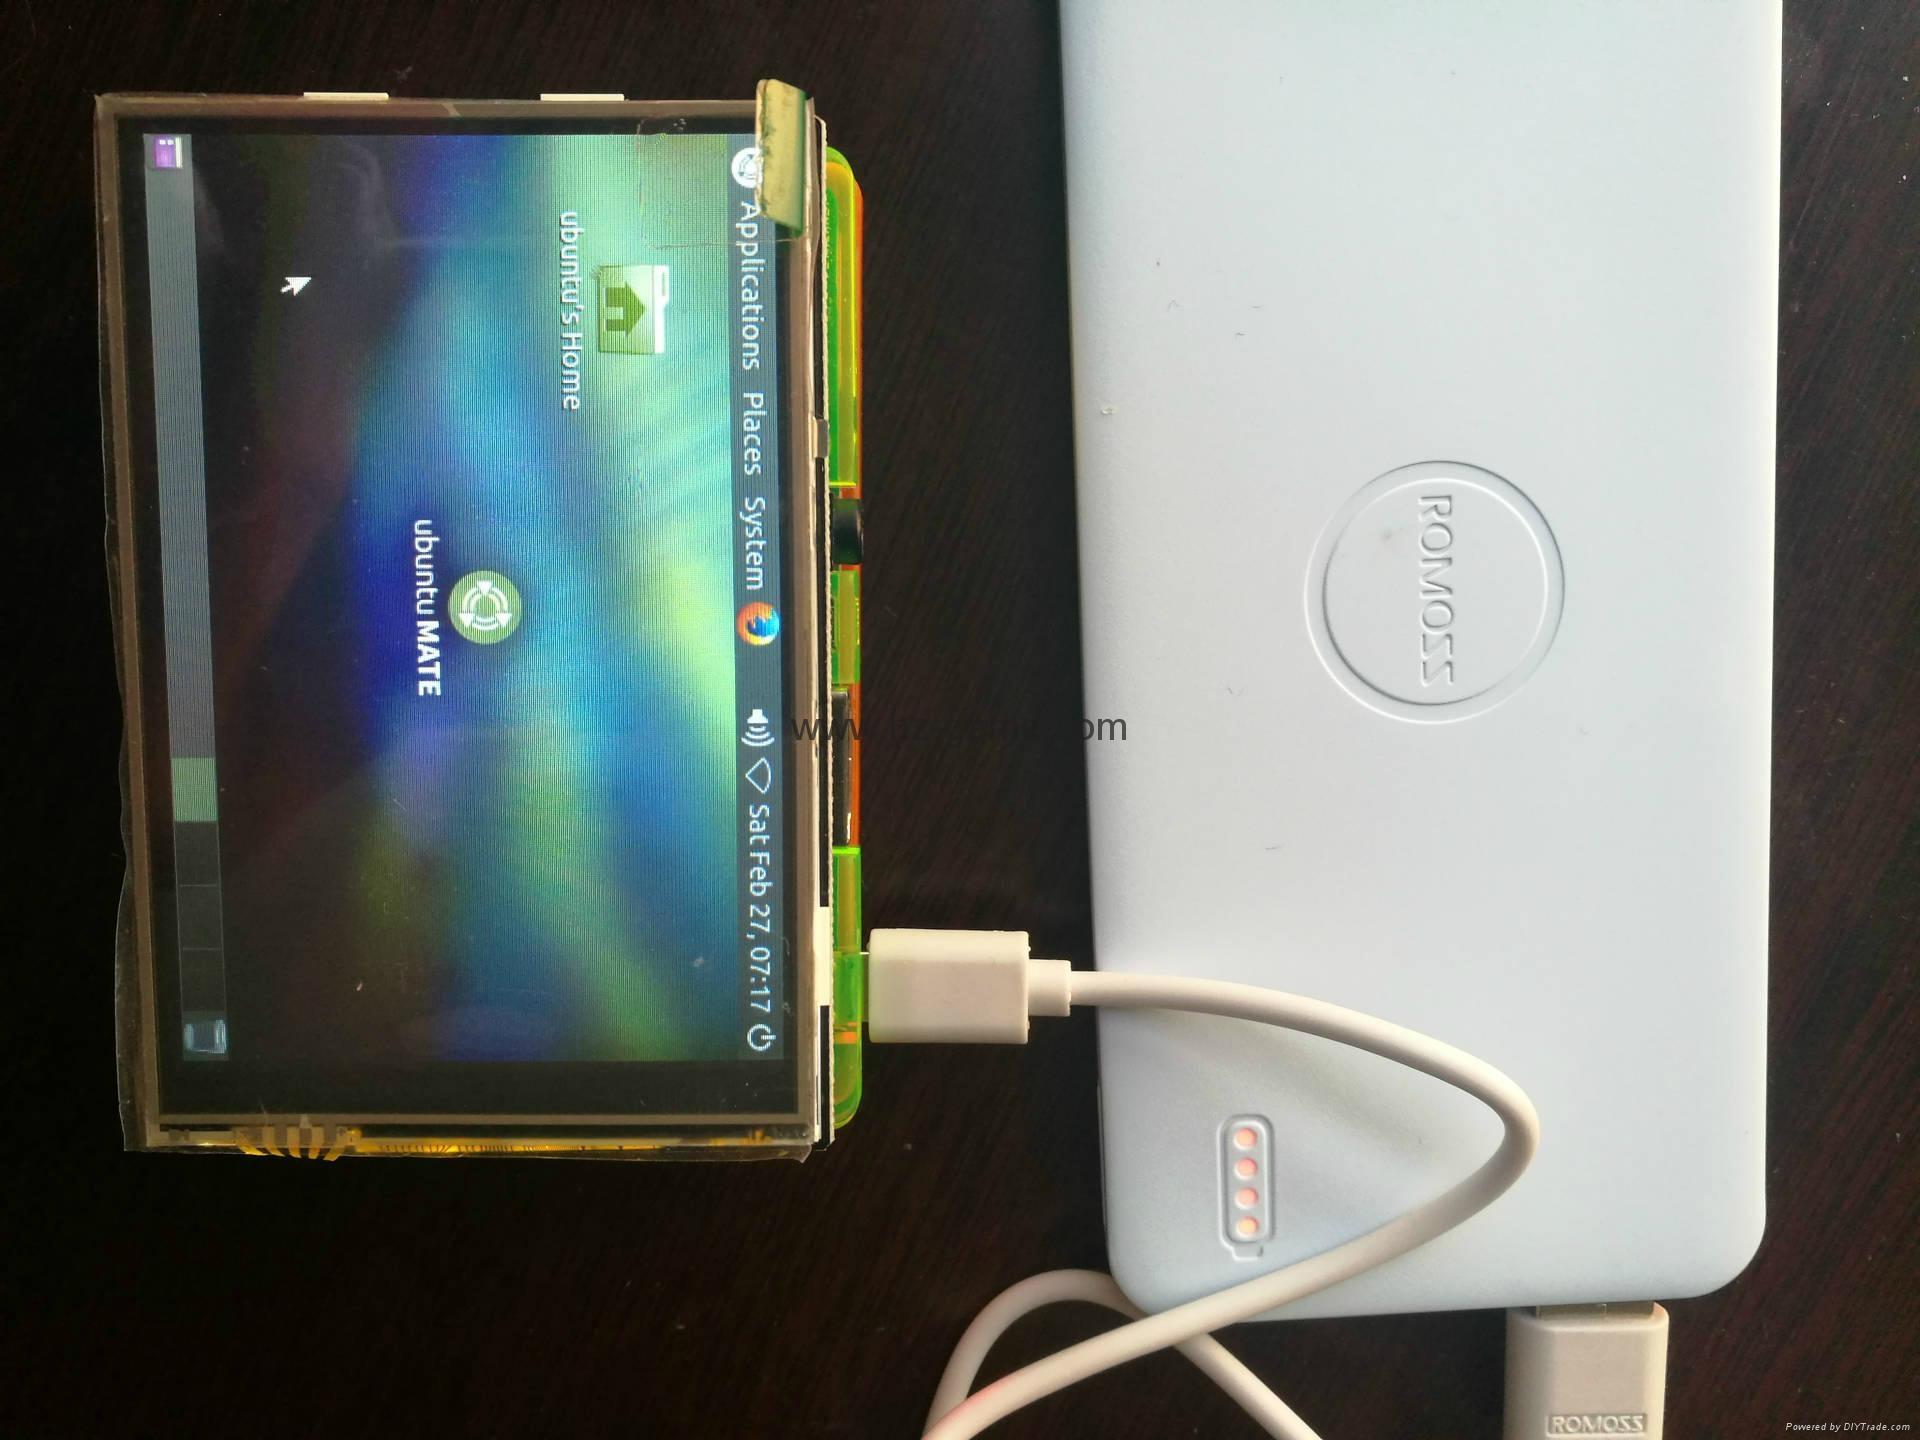 原装树莓派3代B型 Raspberry Pi 3 Model B 板载wifi和蓝牙 11